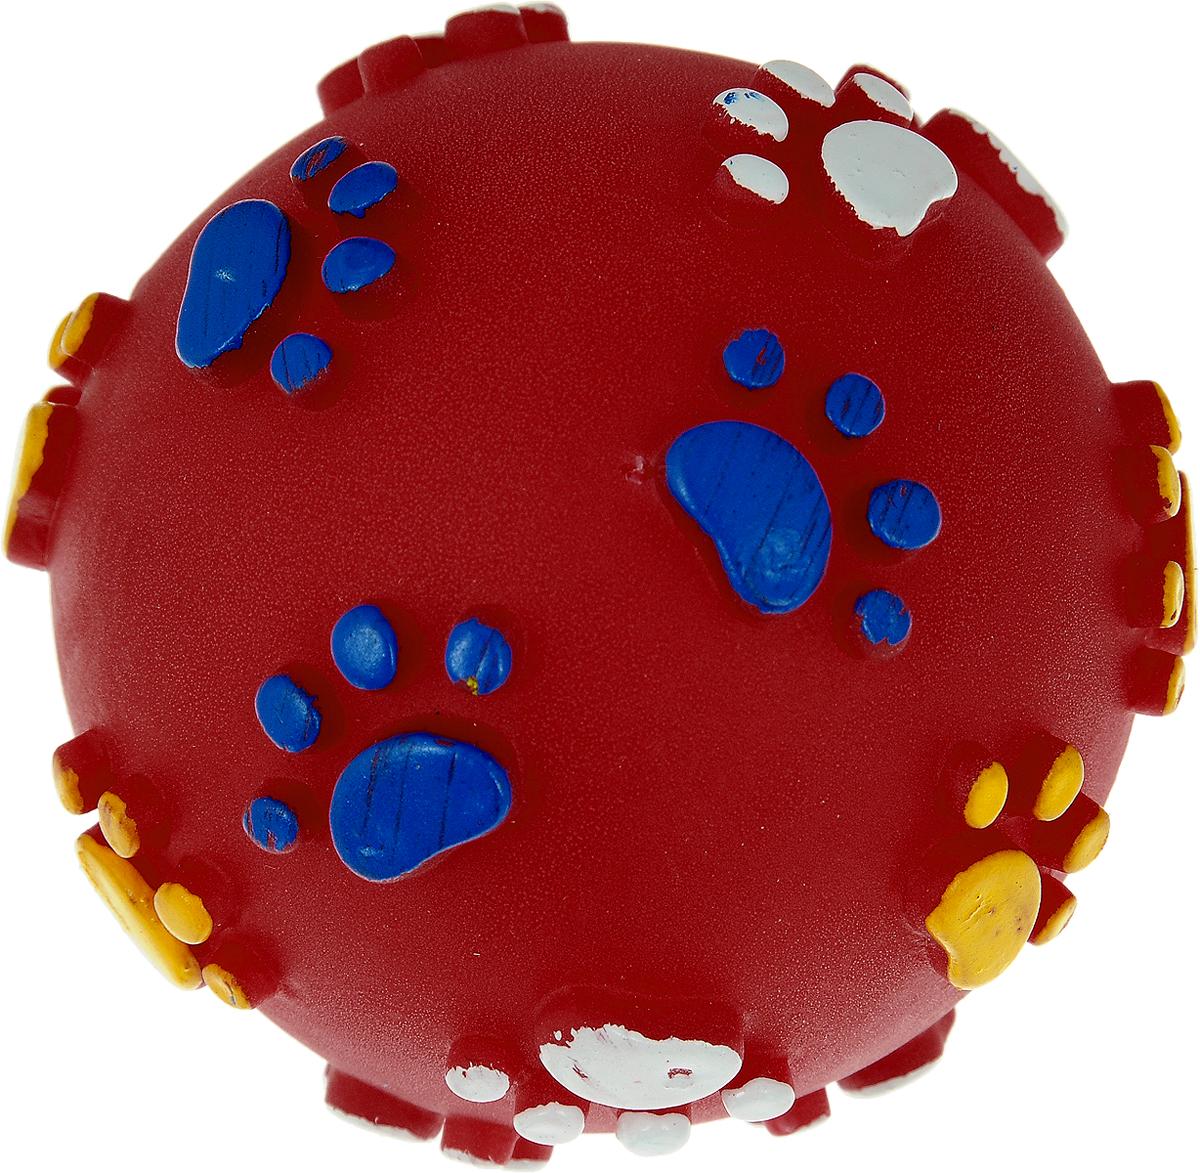 Игрушка для собак Каскад Мяч. Лапки, цвет: красный, диаметр 6 см0120710Игрушка для собак Каскад Мяч. Лапки изготовлена из мягкой и прочной безопасной резины, устойчивой к разгрызанию. Игрушка снабжена пищалкой и украшена рельефом в виде разноцветных лапок. Изделие отличается прочностью и в то же время гибкостью и эластичностью. Необычная и забавная игрушка прекрасно подойдет для игр вашей собаки.